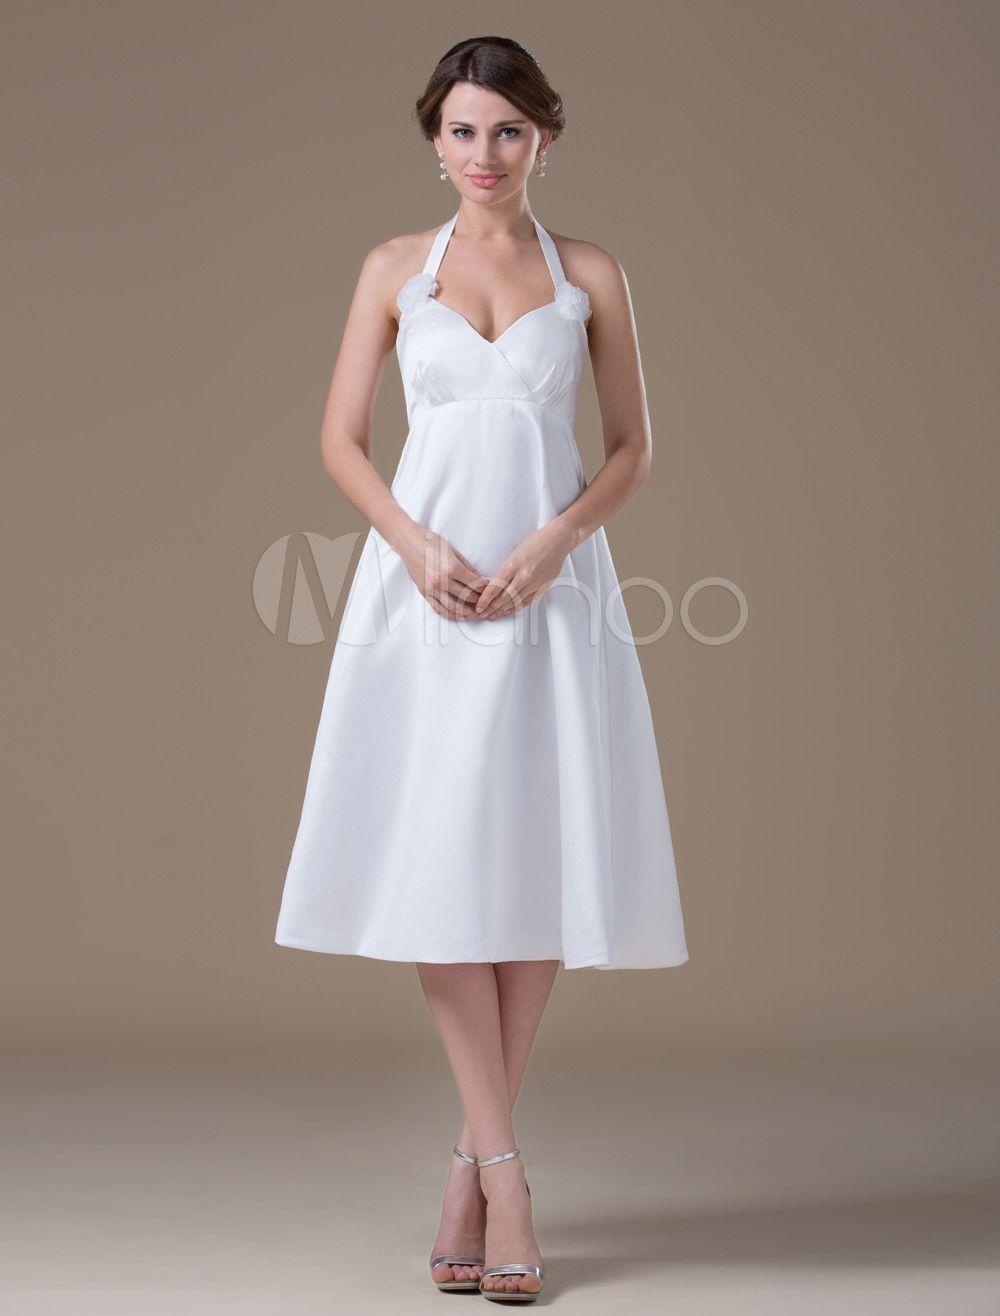 Mini white wedding dress  Milanoo Ltd Wedding Dresses White Maternity VNeck Halter